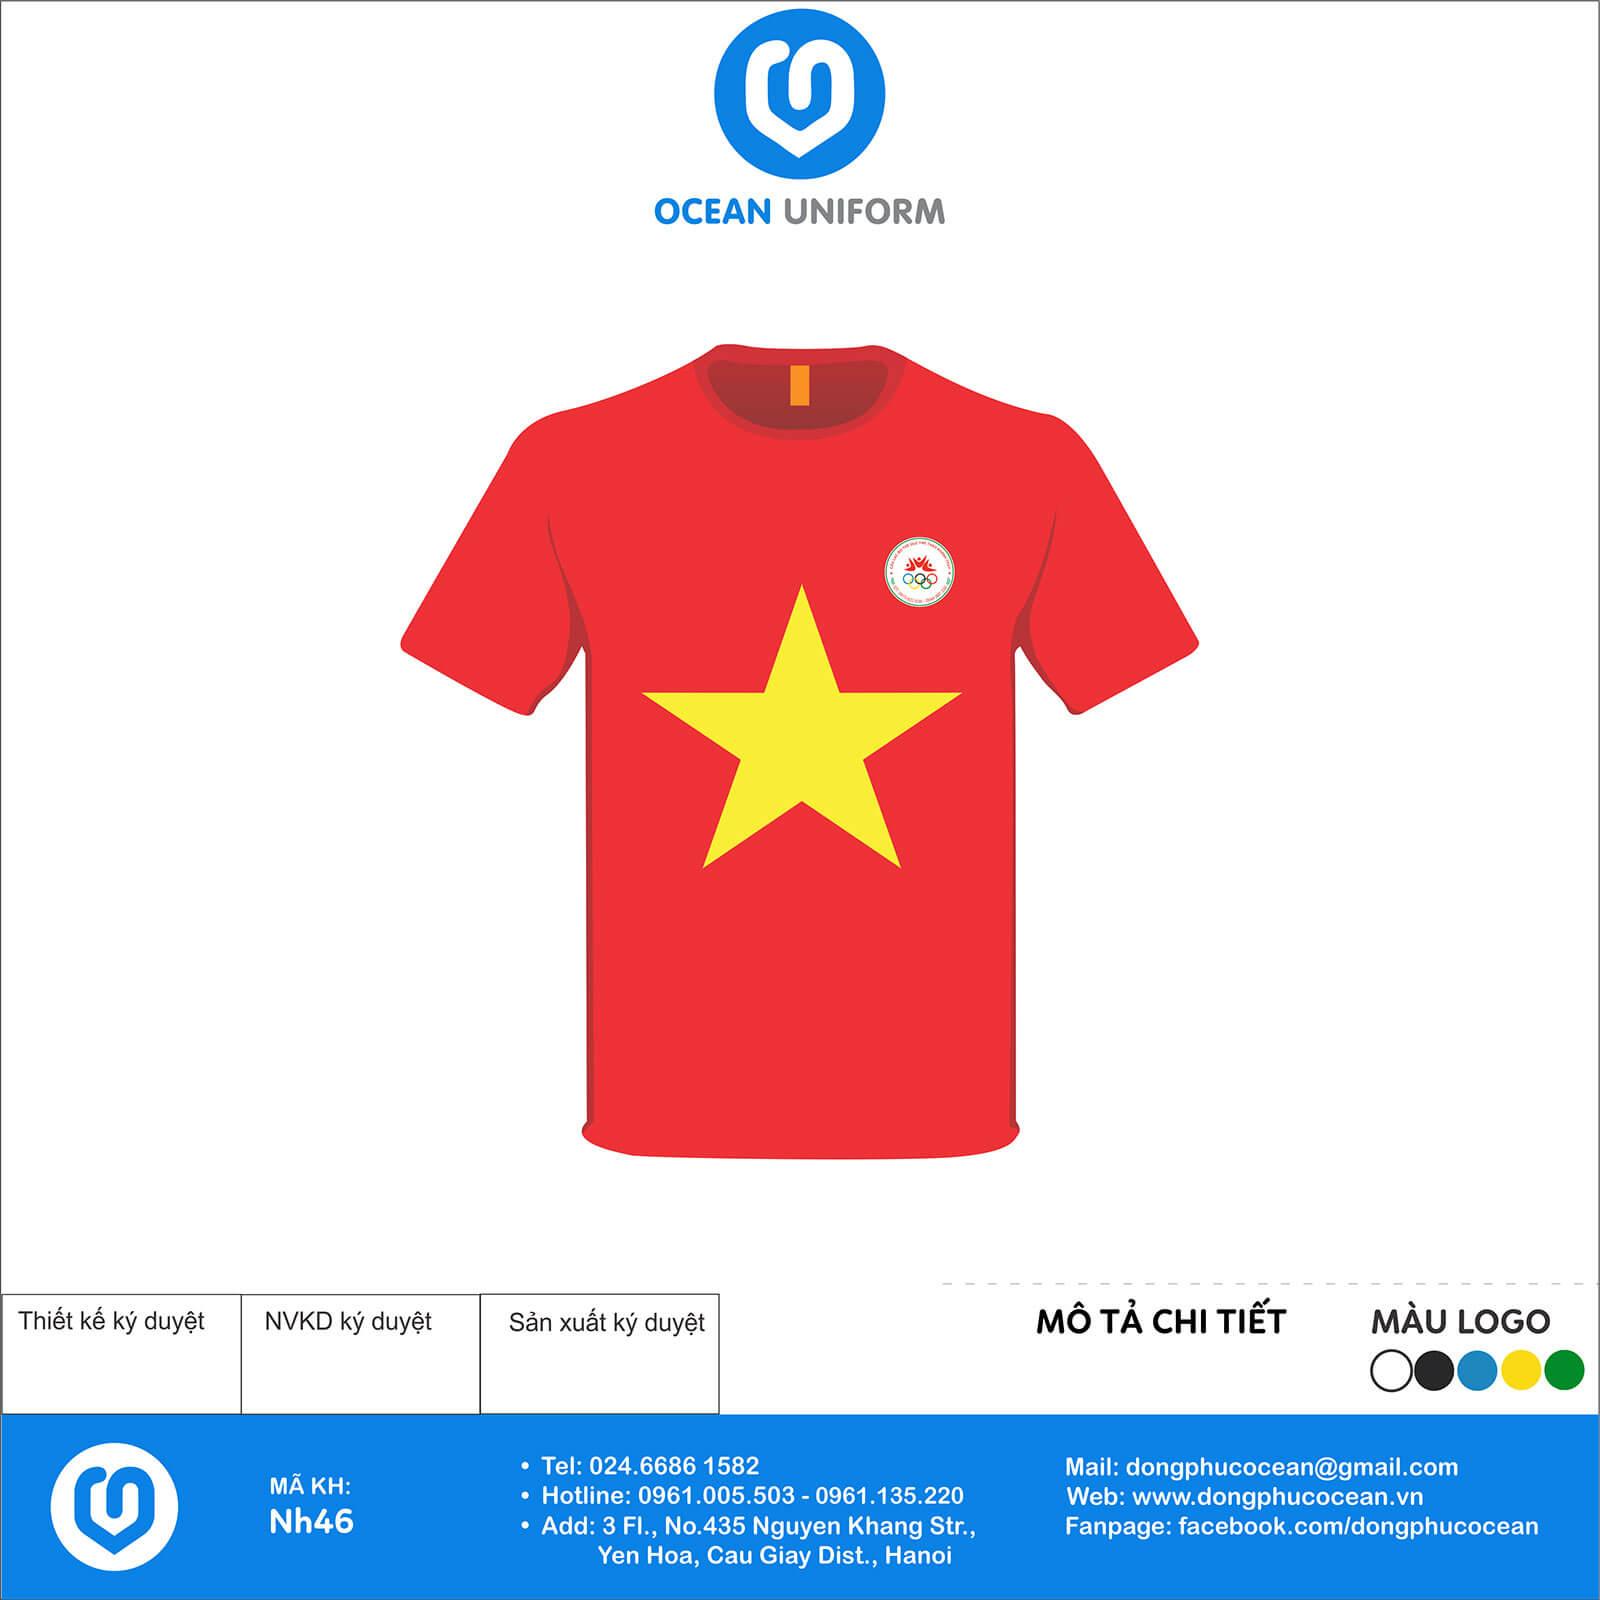 Đồng phục áo phông quảng cáo, sự kiện NH46